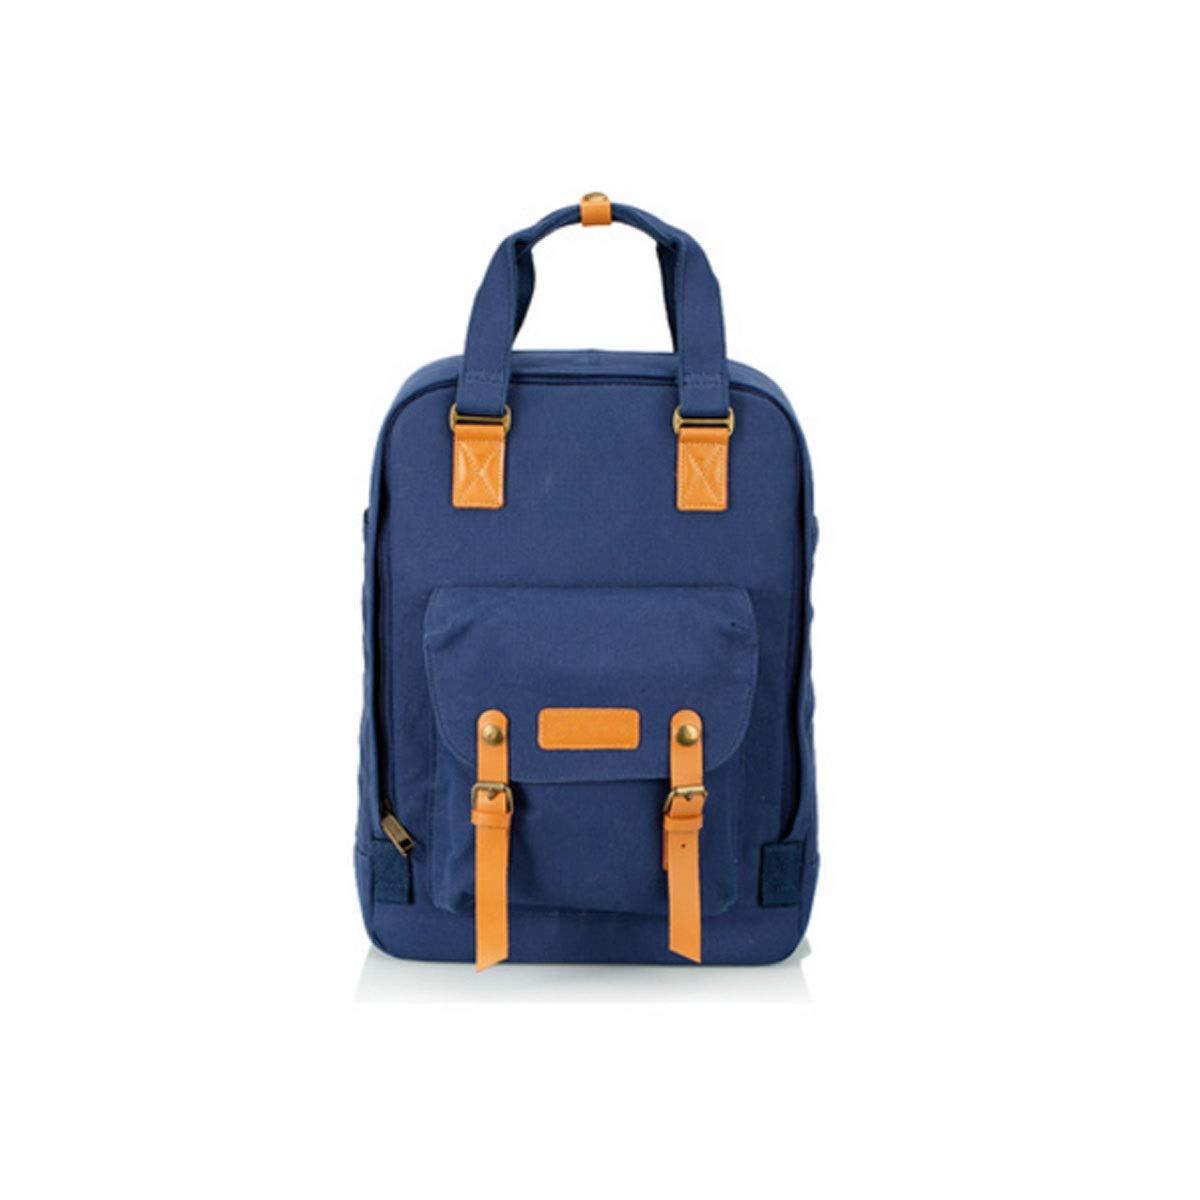 カメラバッグ、カジュアルカメラバックパックバッグ、ユニセックス大容量ショルダーニューデザイン、ピンク、ブルー (Color : Blue) B07R3ZFKF1